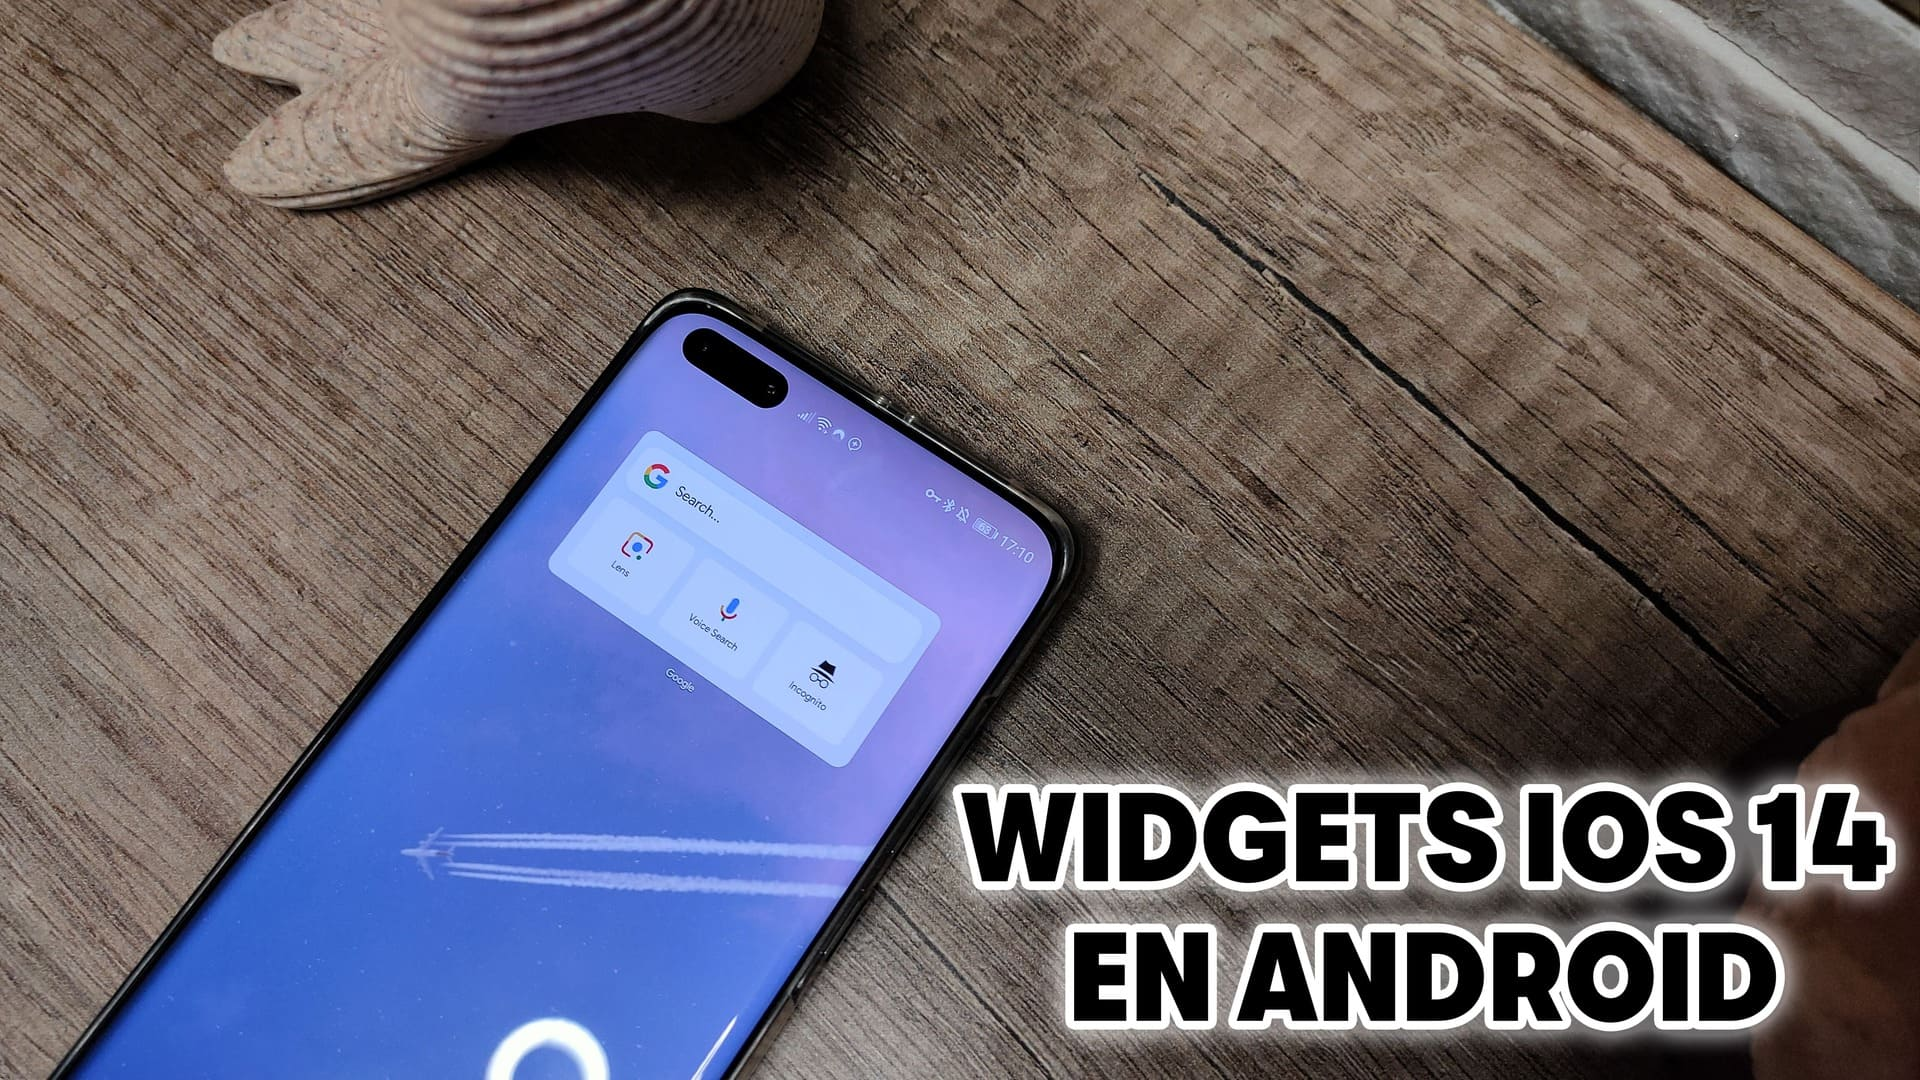 como instalar widgets ios 14 en android